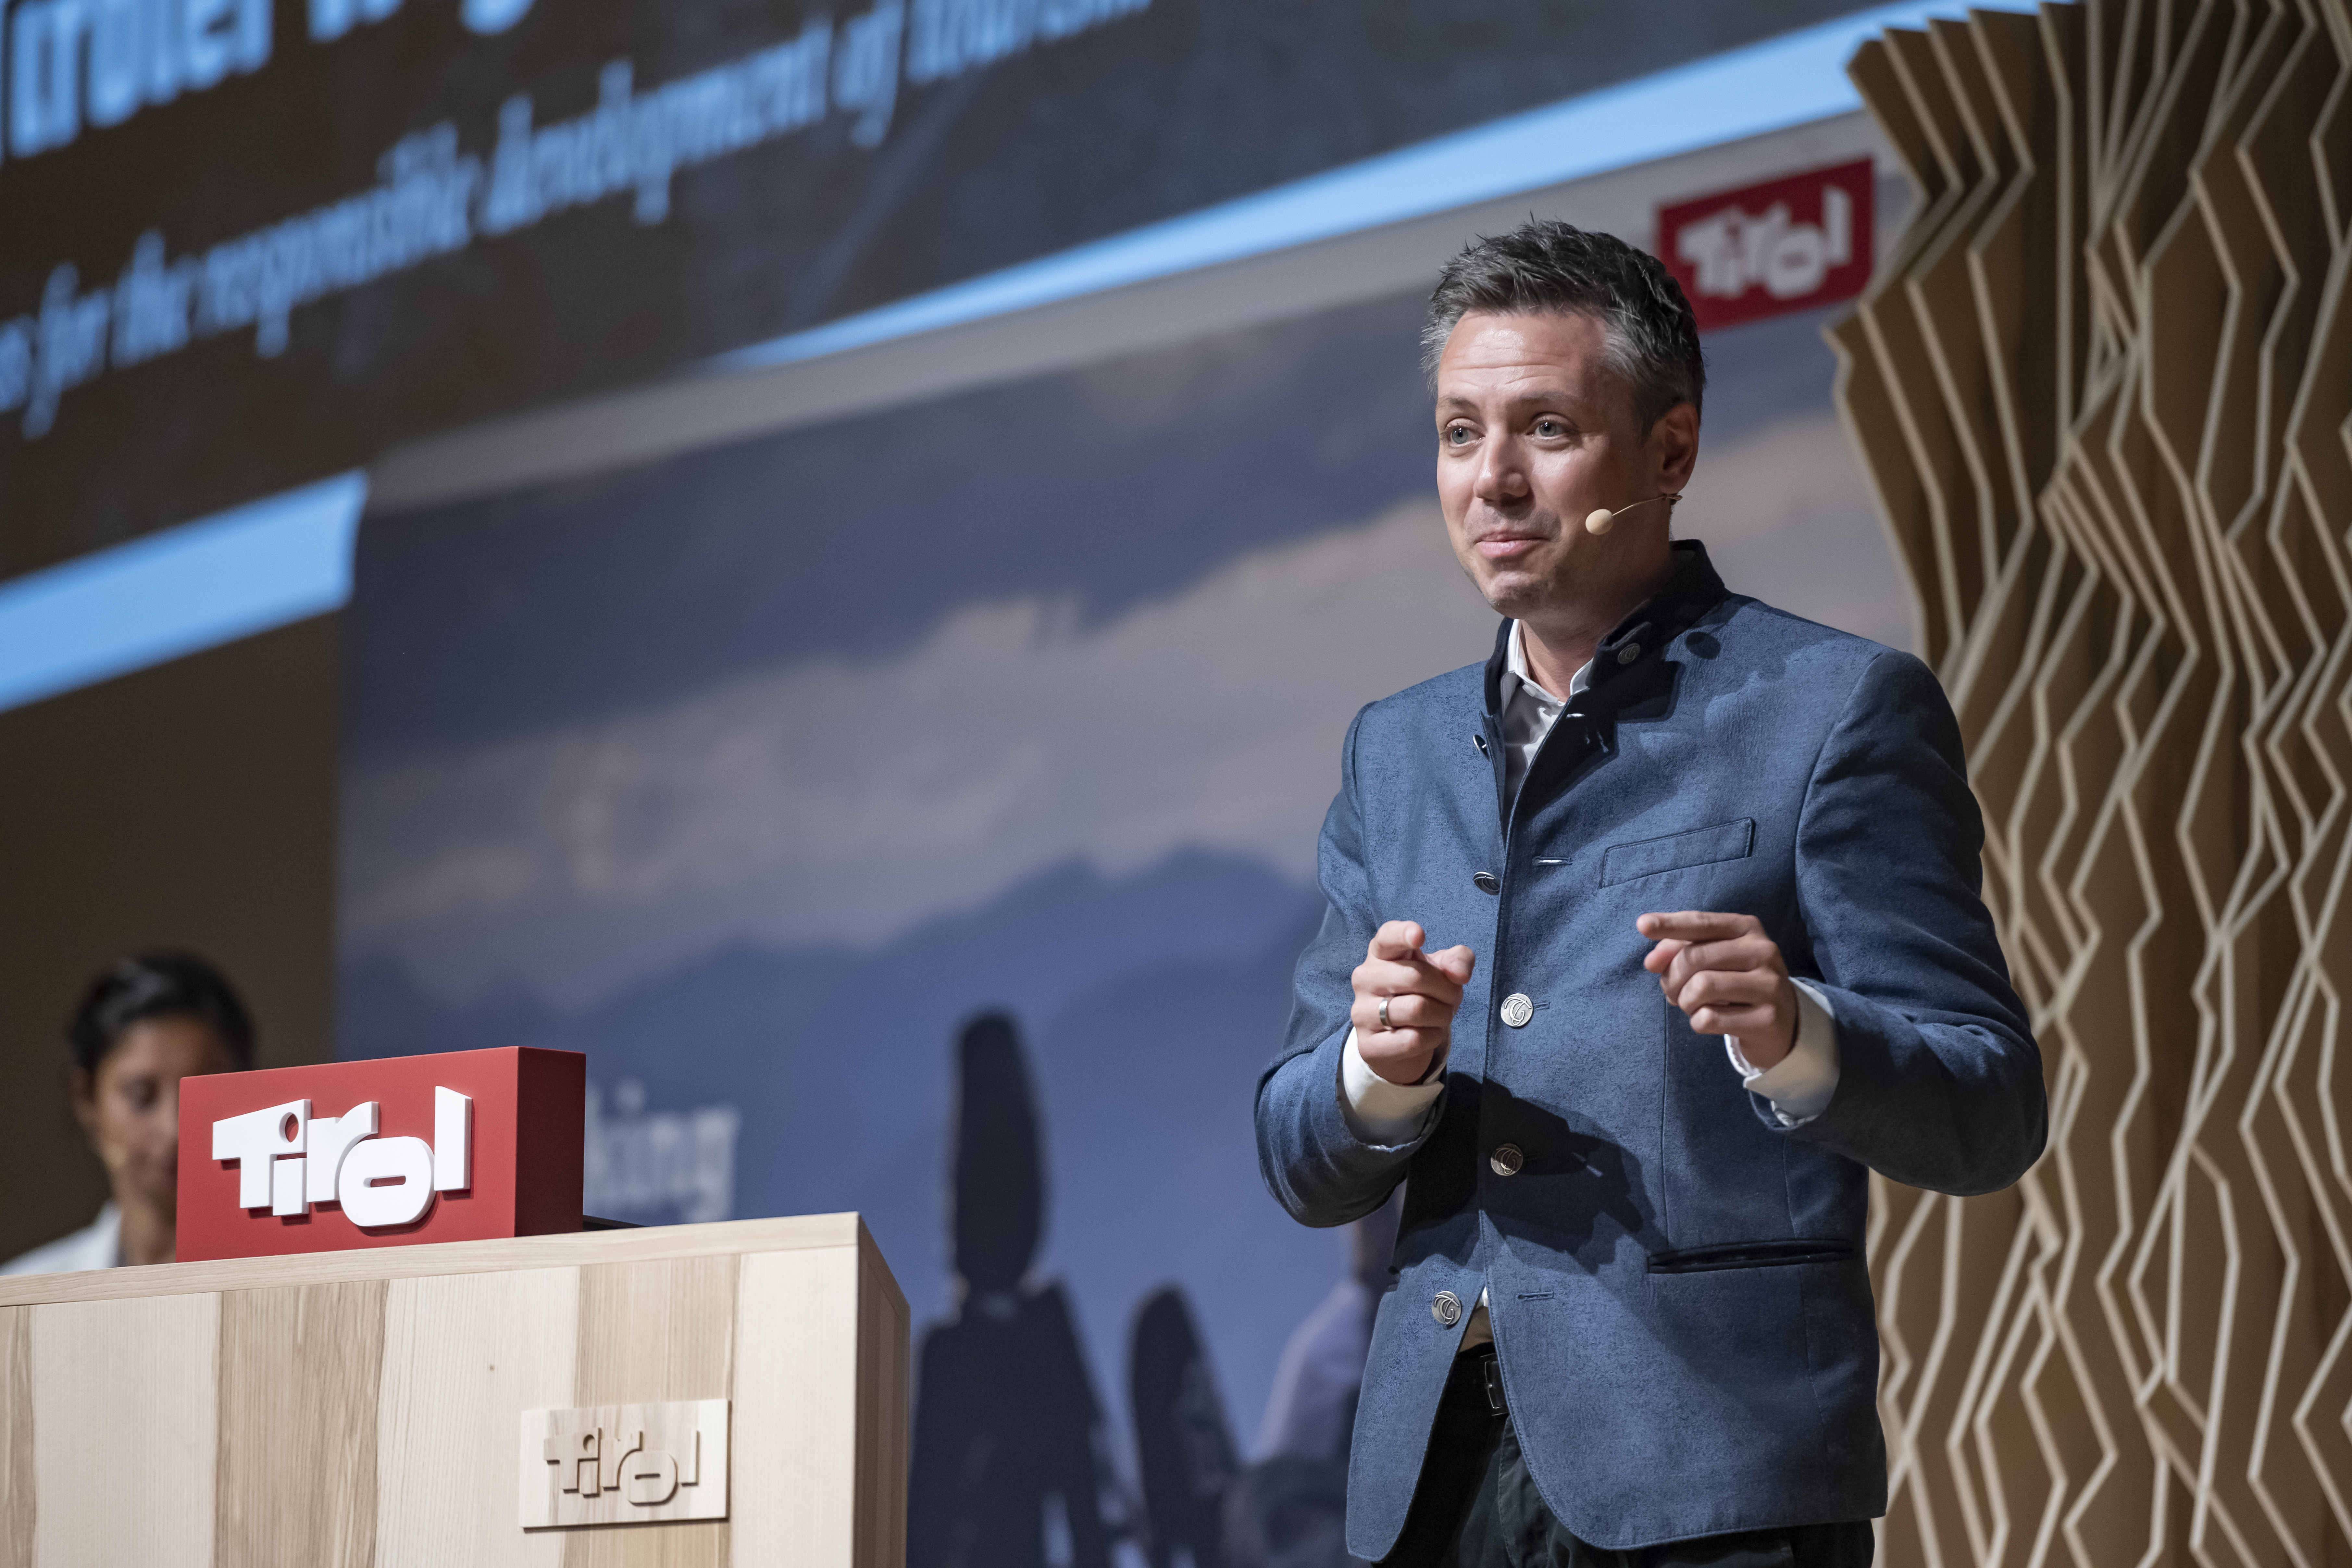 Florian Phleps, NECSTouR